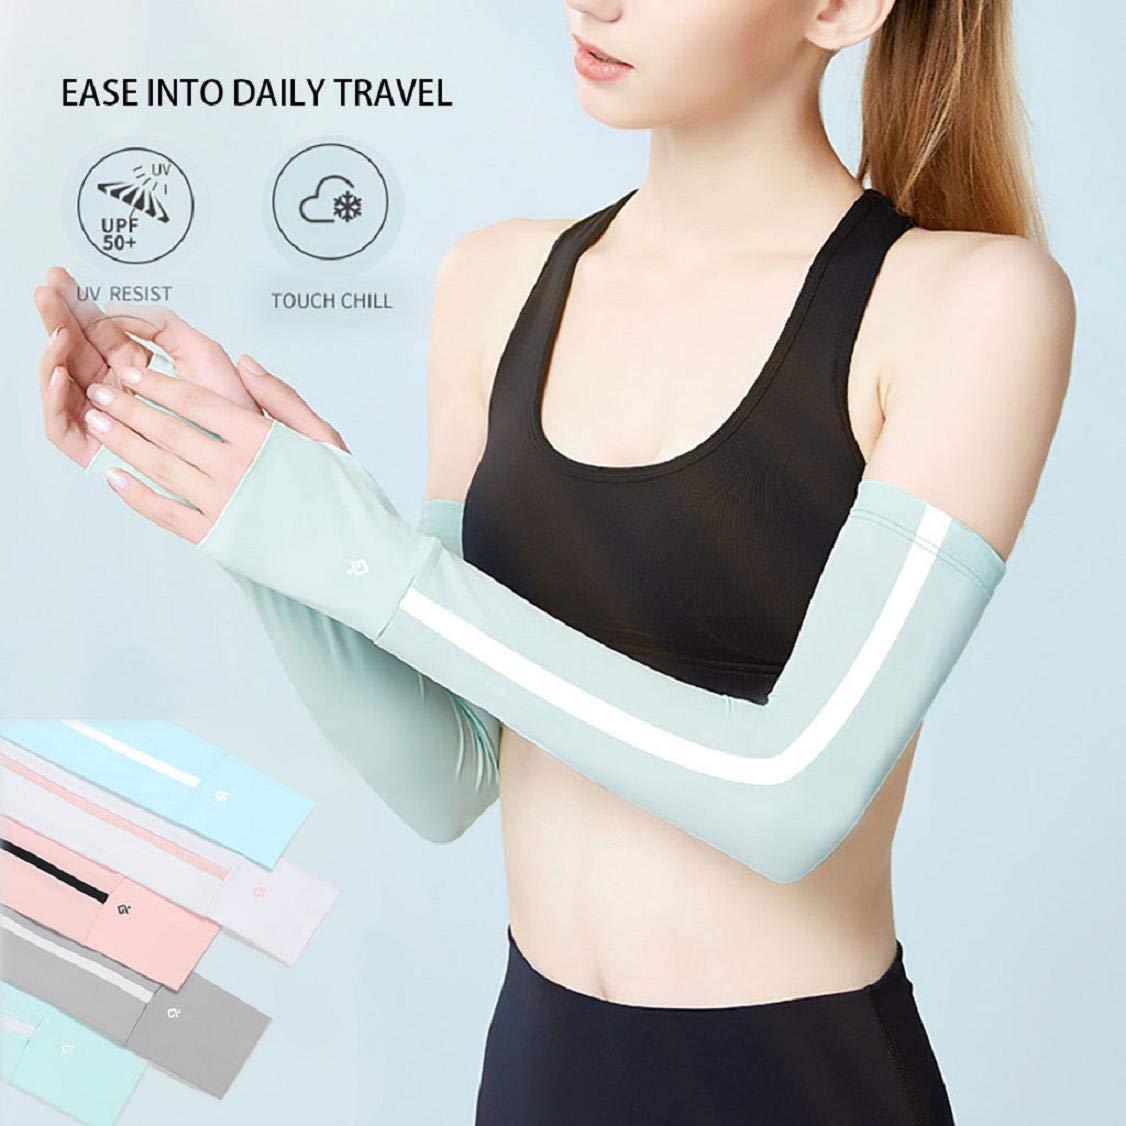 Vaycally Mangas de brazo, protección UV de enfriamiento de brazo ...